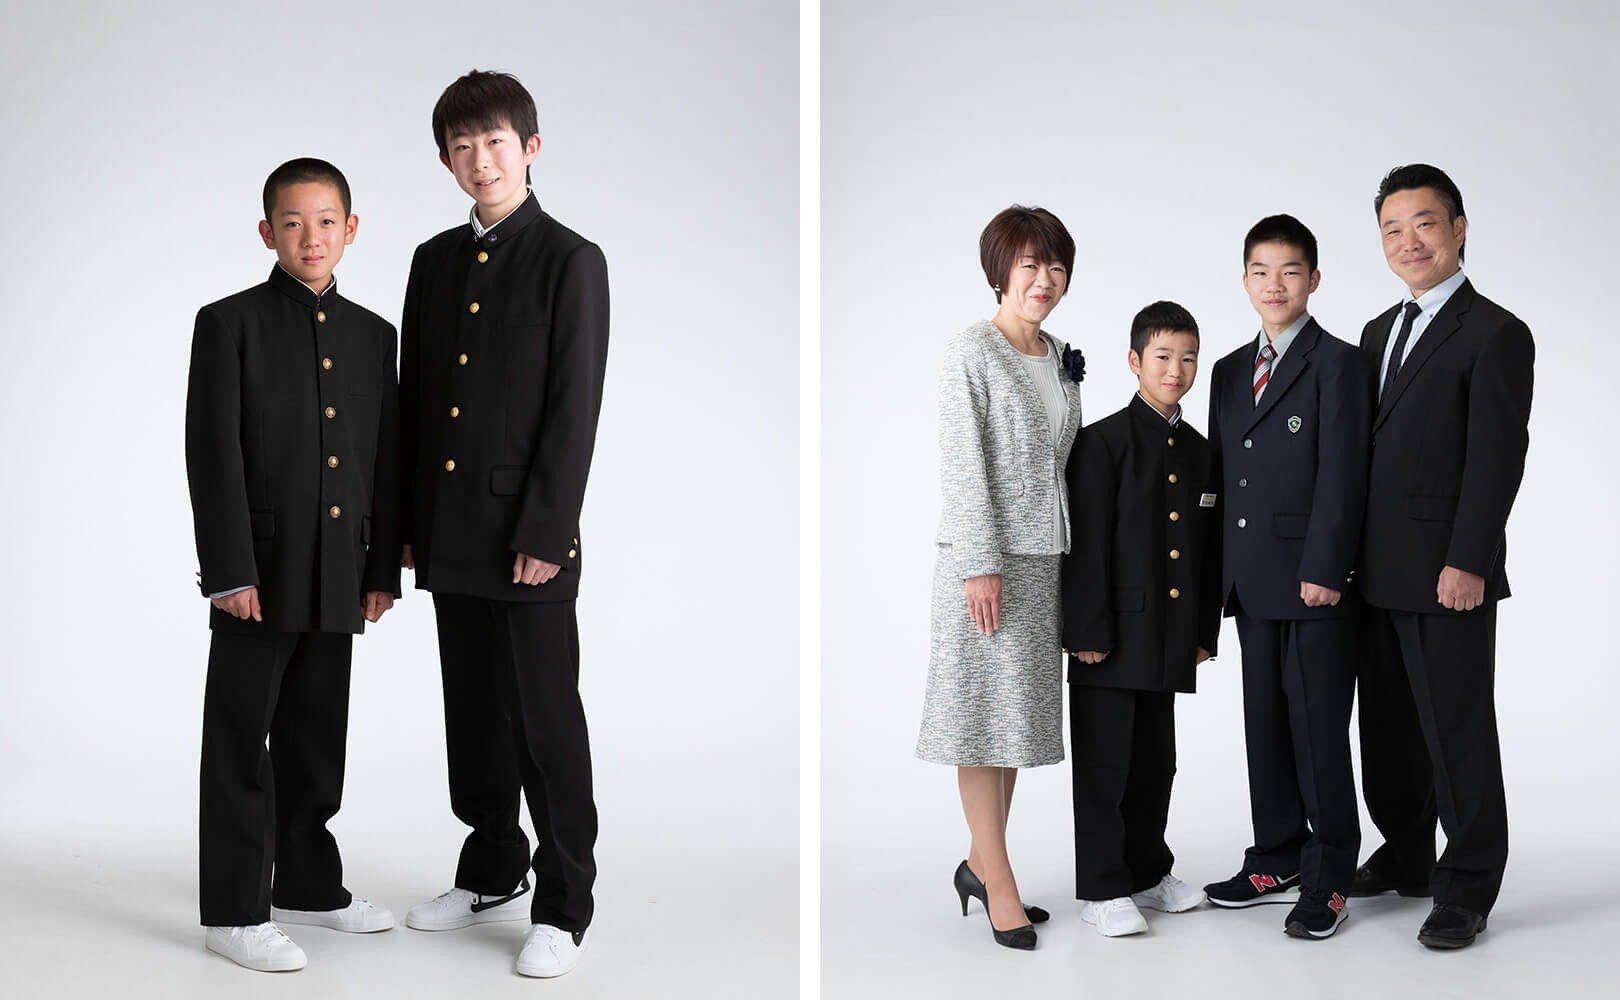 兄弟での中学入学写真と、家族での中学・高校入学写真:入学キャンペーン